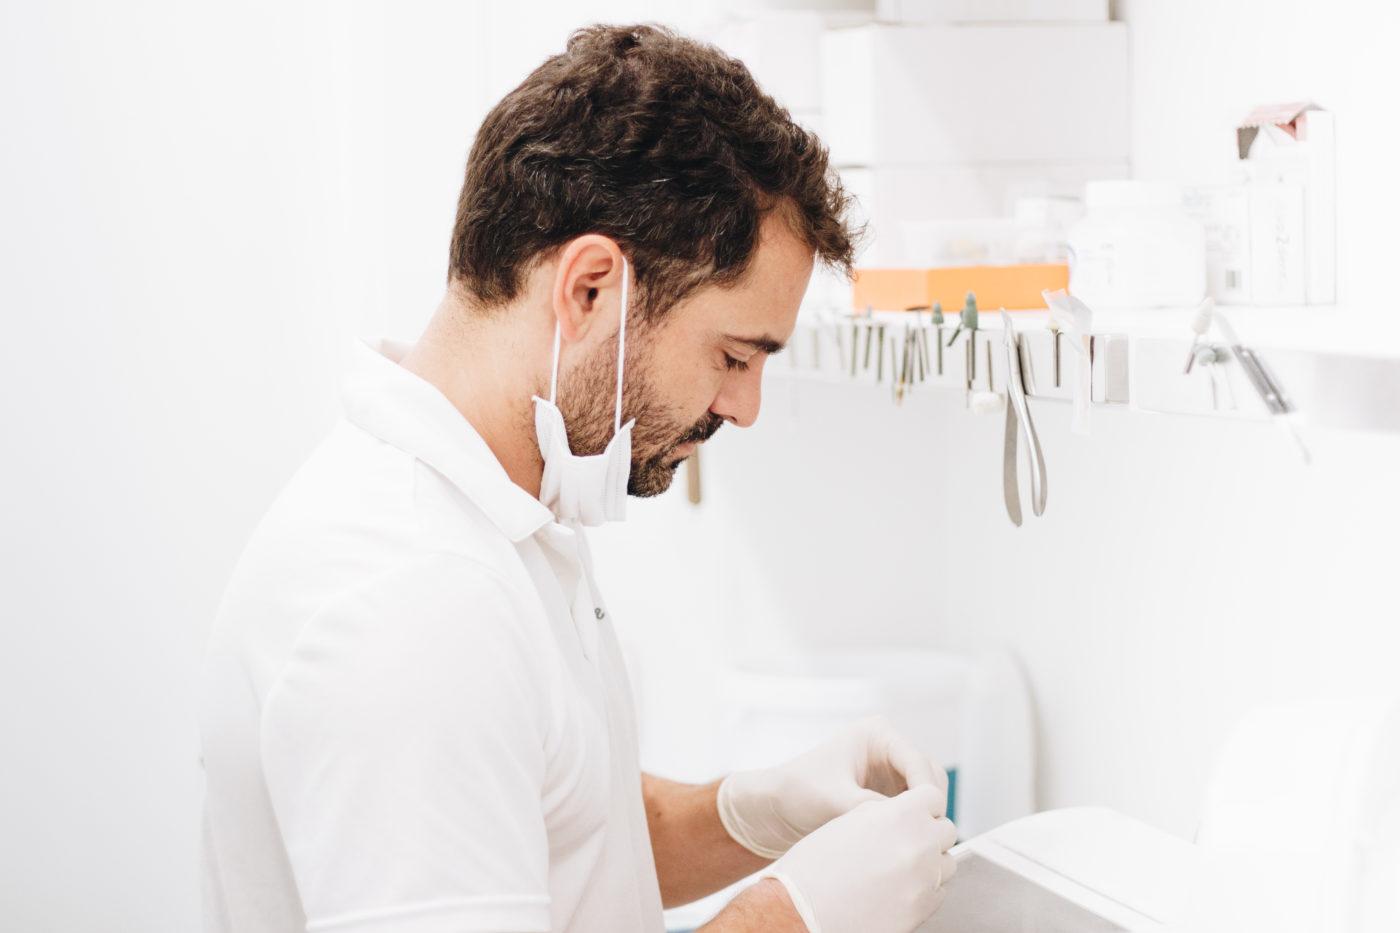 Fernando Vélez limpiando implantes